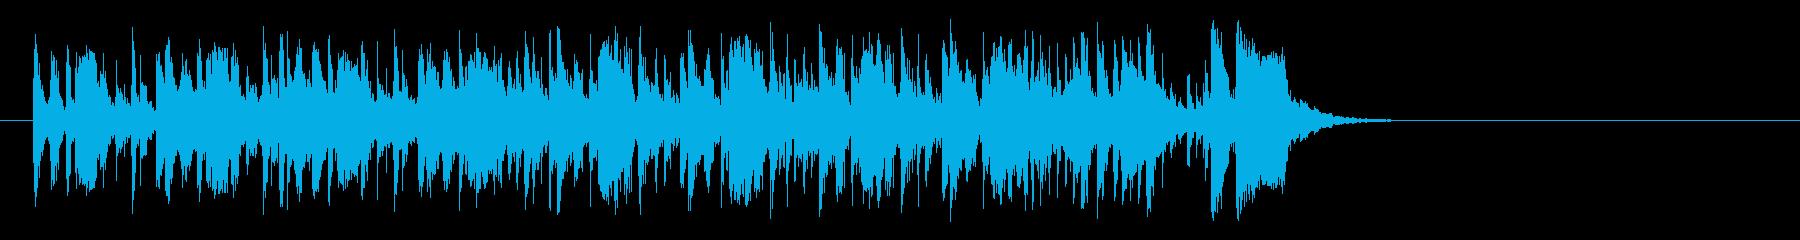 前向きなフュージョン(イントロ)の再生済みの波形